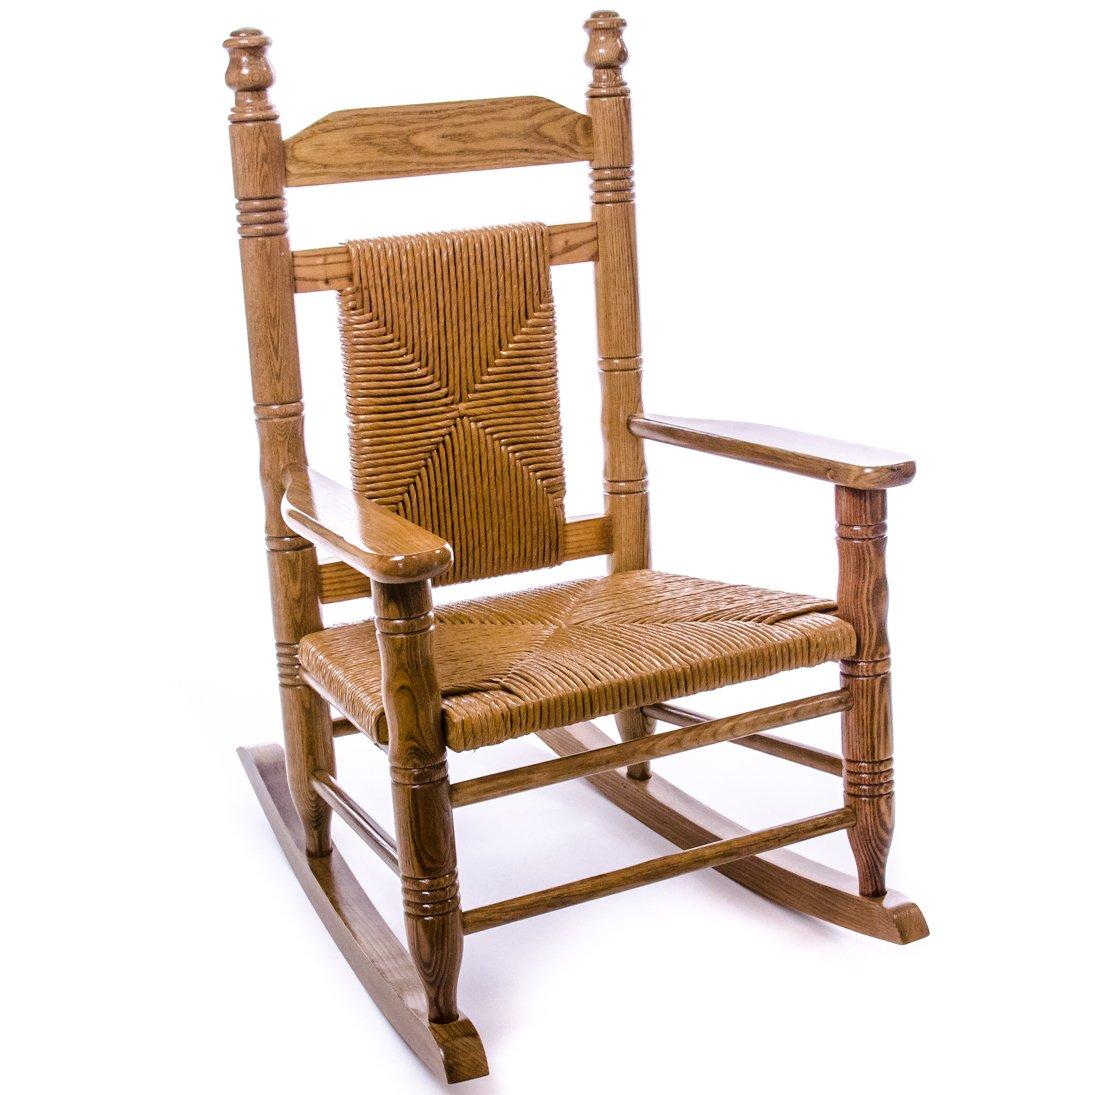 vintage walnut wooden rocking chair cane seat u0026 back older nice condition antique rocking. Black Bedroom Furniture Sets. Home Design Ideas